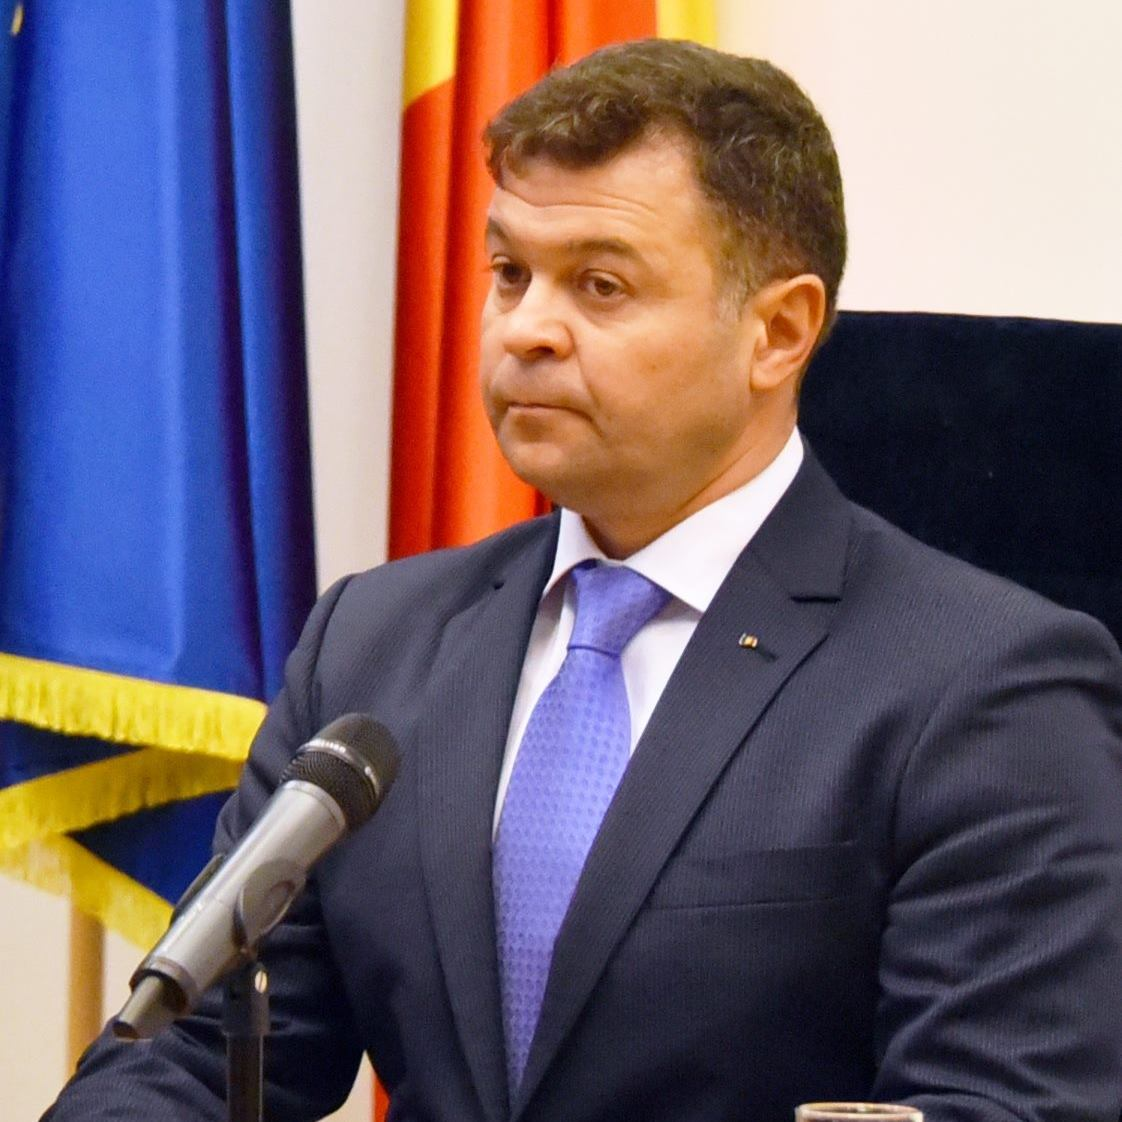 UVT lansează iniţiativa formării unei reţele a instituţiilor de învăţământ superior româneşti de top